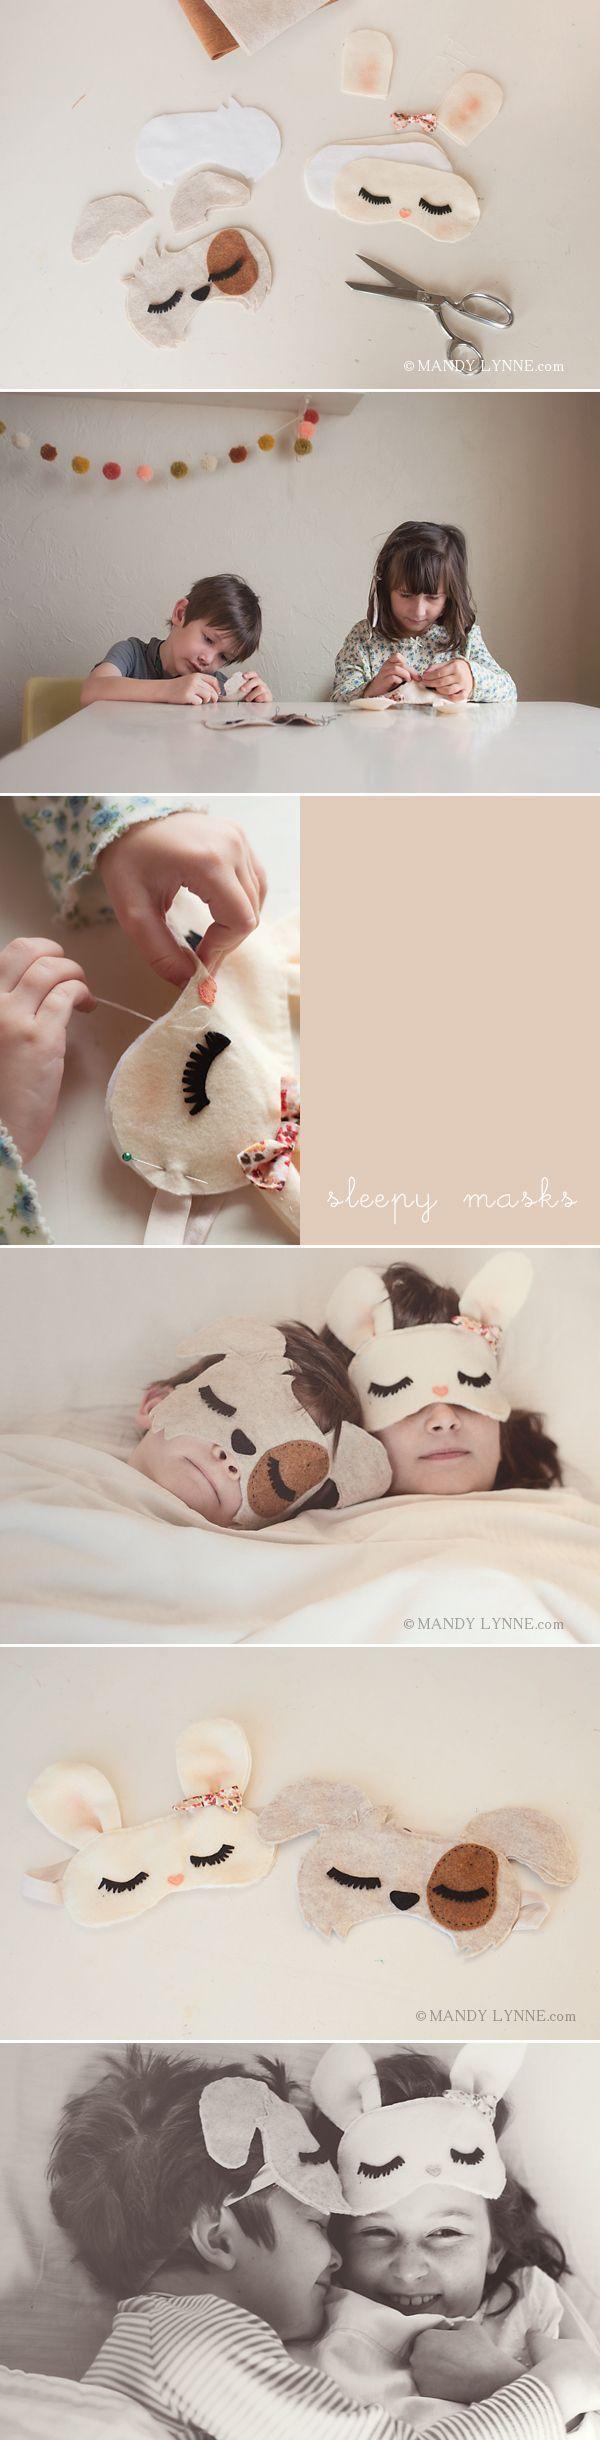 L'idée mignonne du week-end : se faire des masques pour bien dormir !